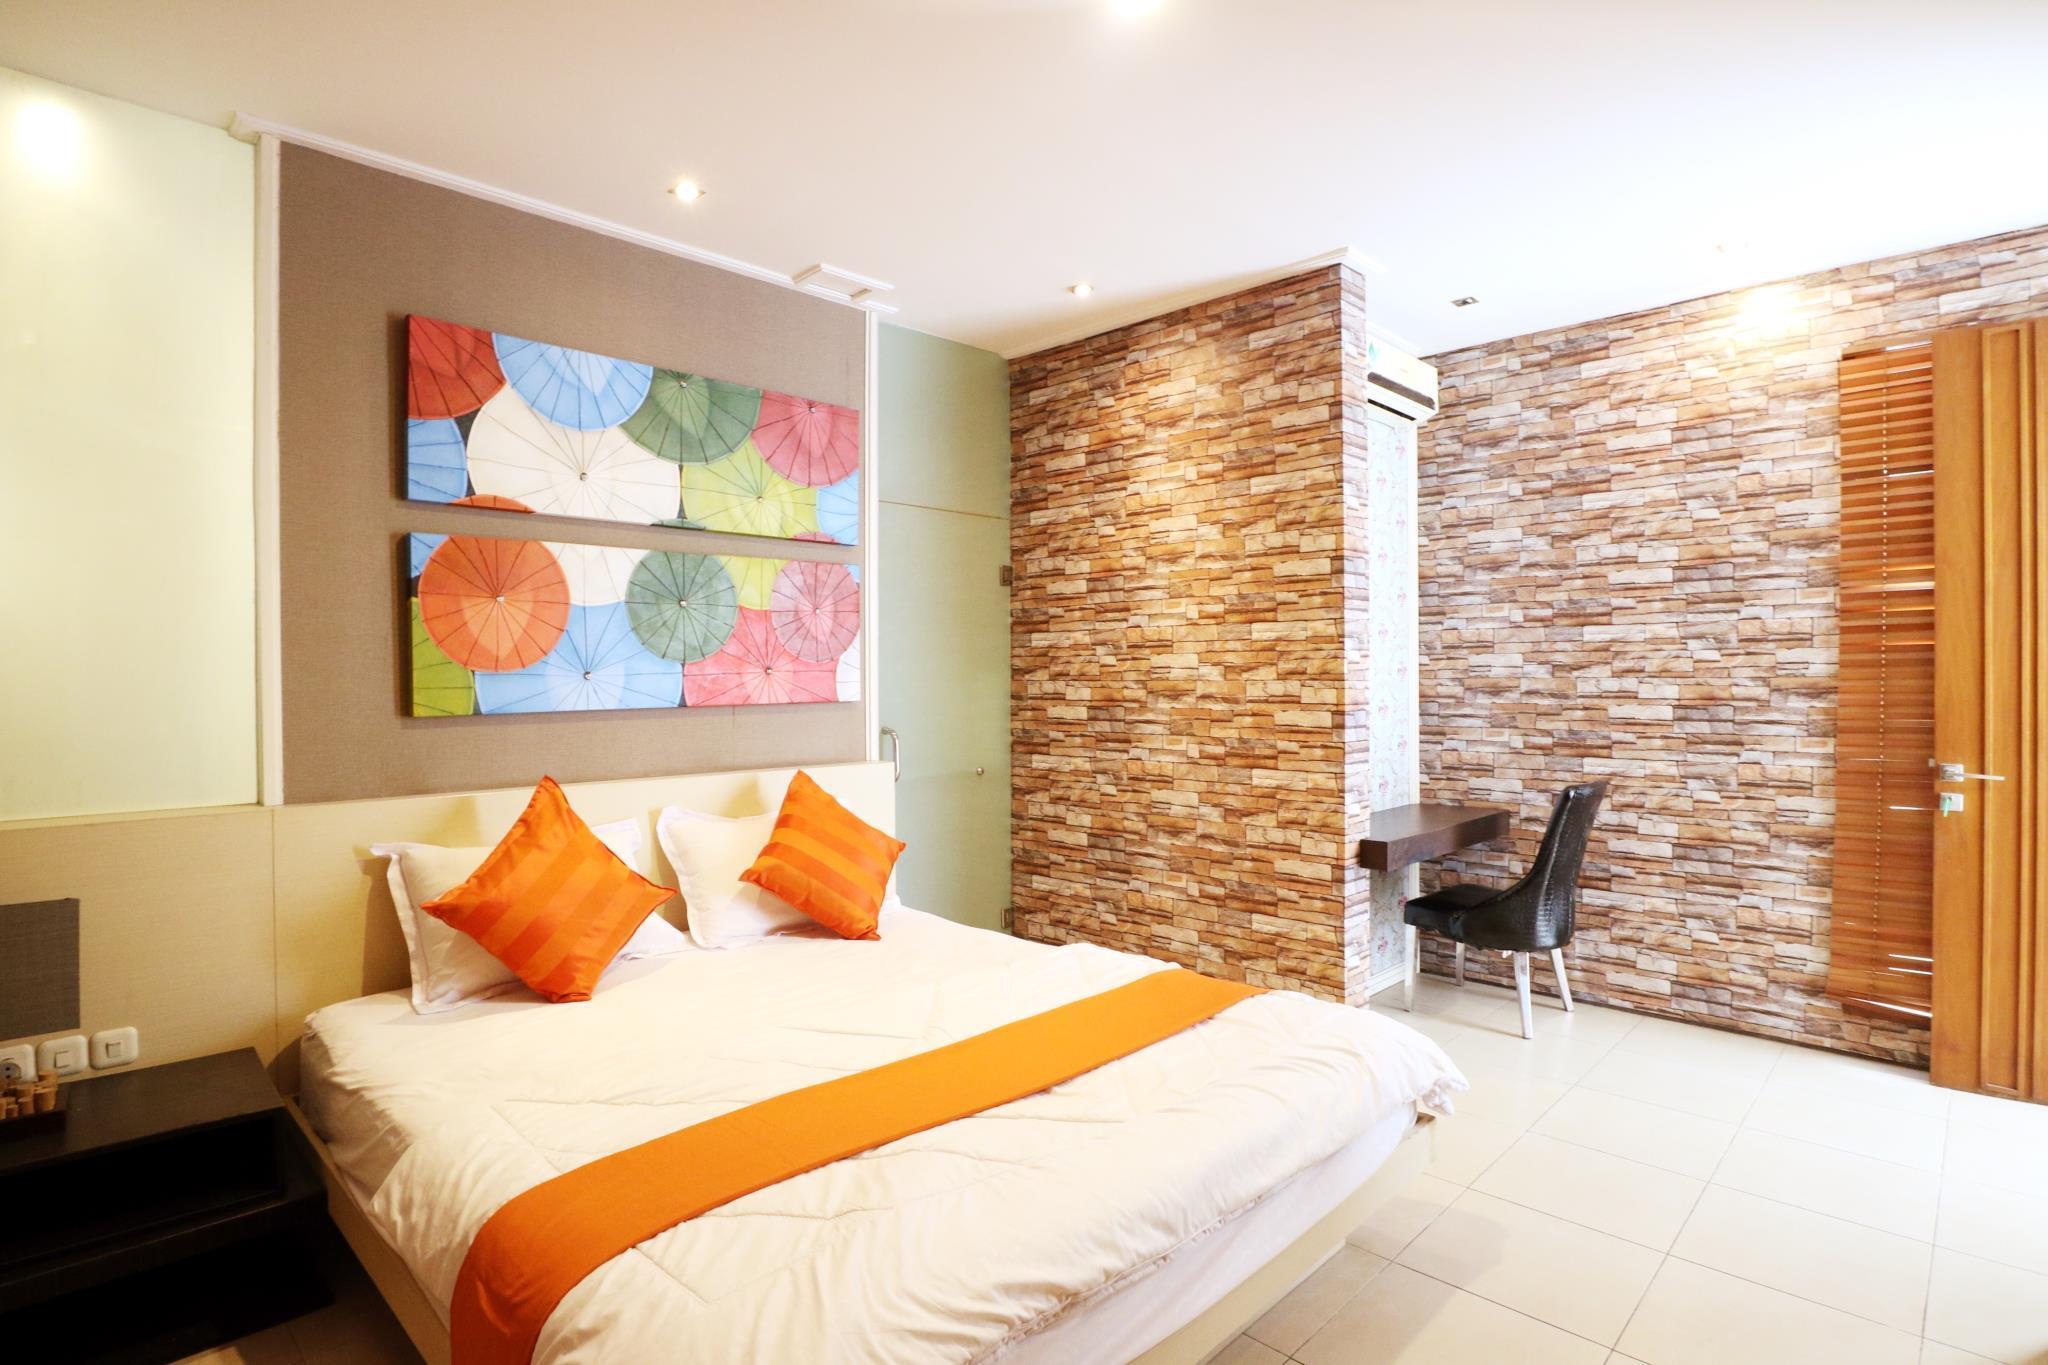 Putri Bali Surabaya Booking Deals Photos Reviews